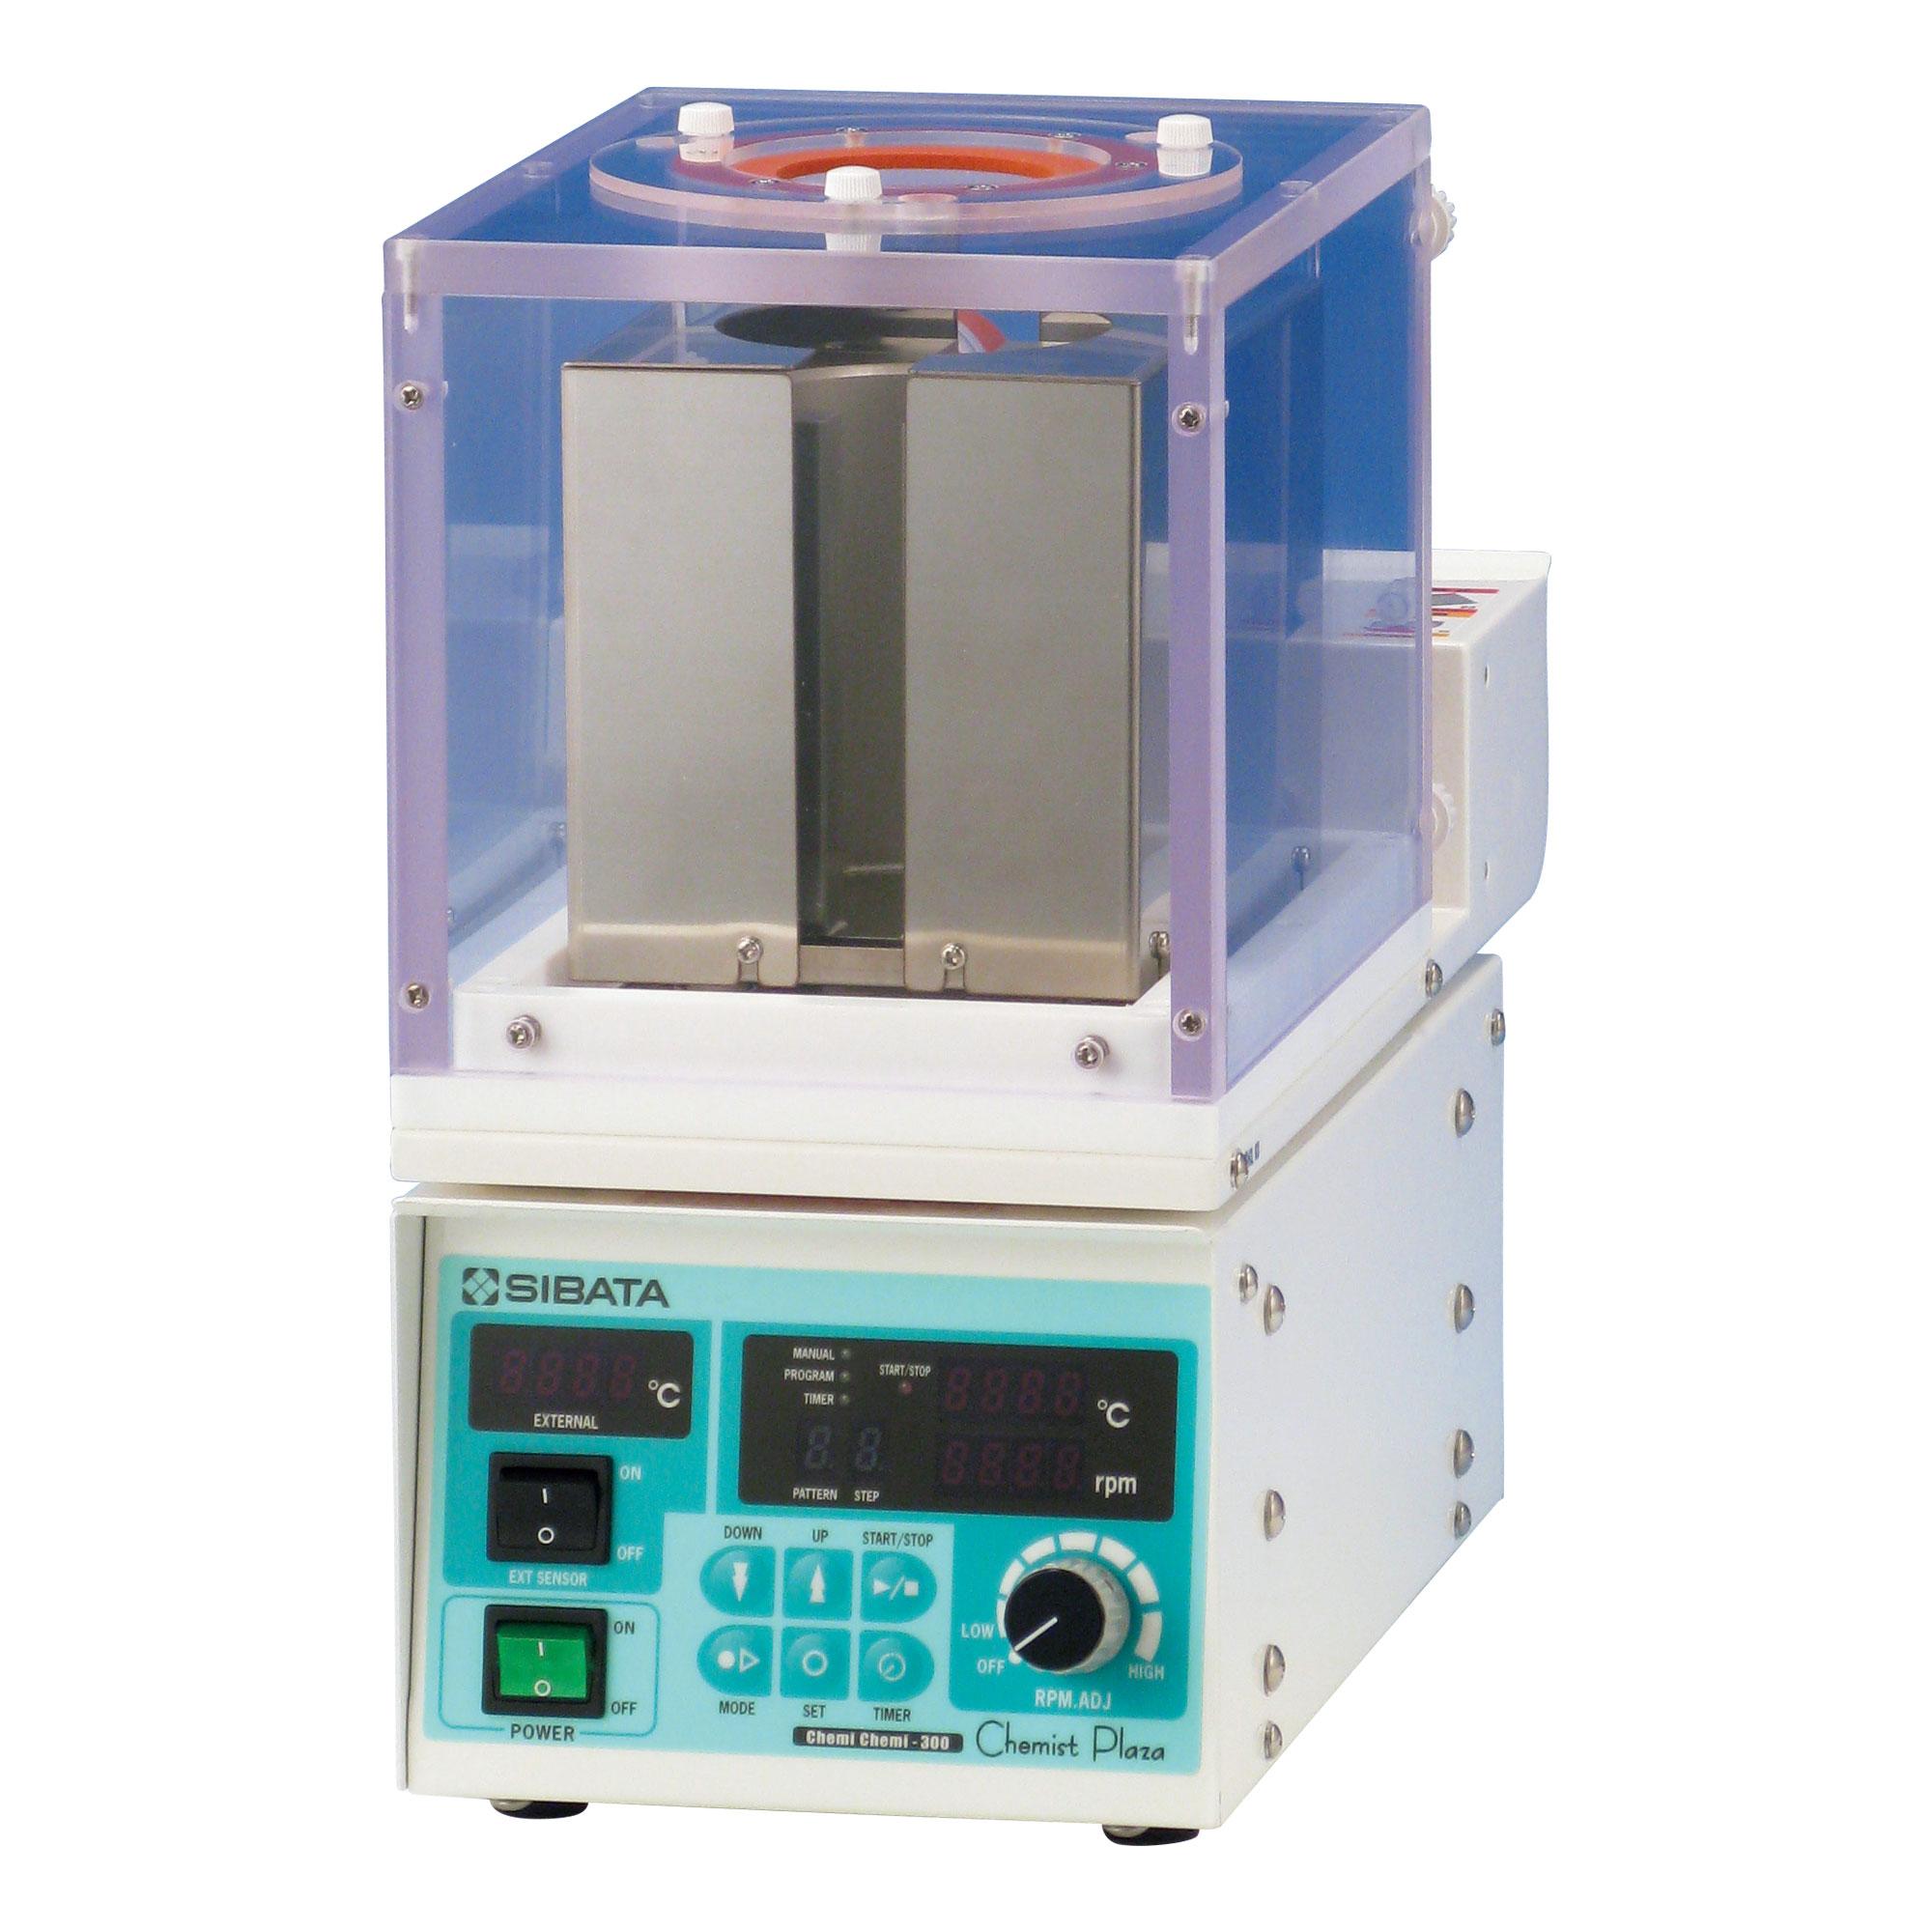 合成・反応装置 ケミストプラザ CP-300 本体セット 300℃ 1000mL